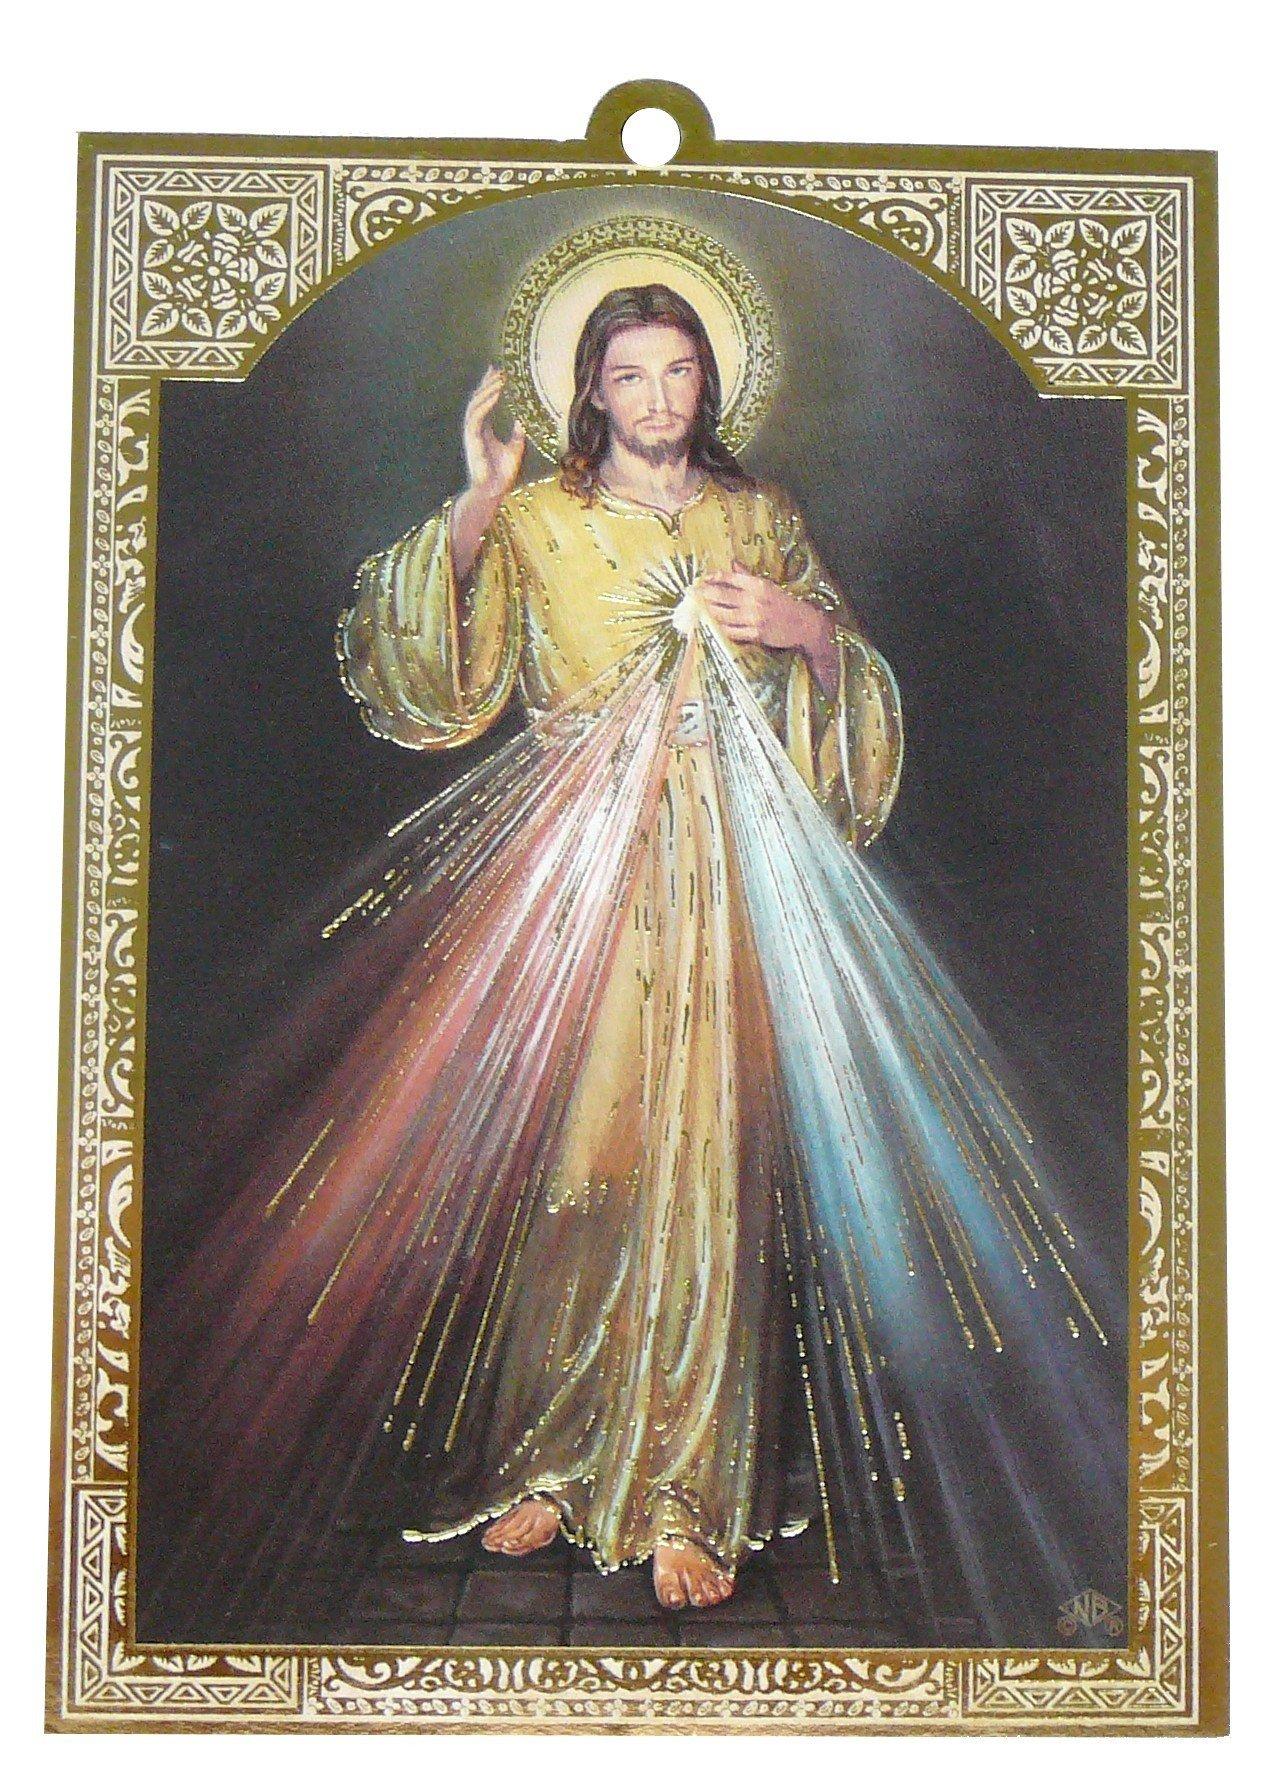 Cadre doré de Jésus Miséricordieux